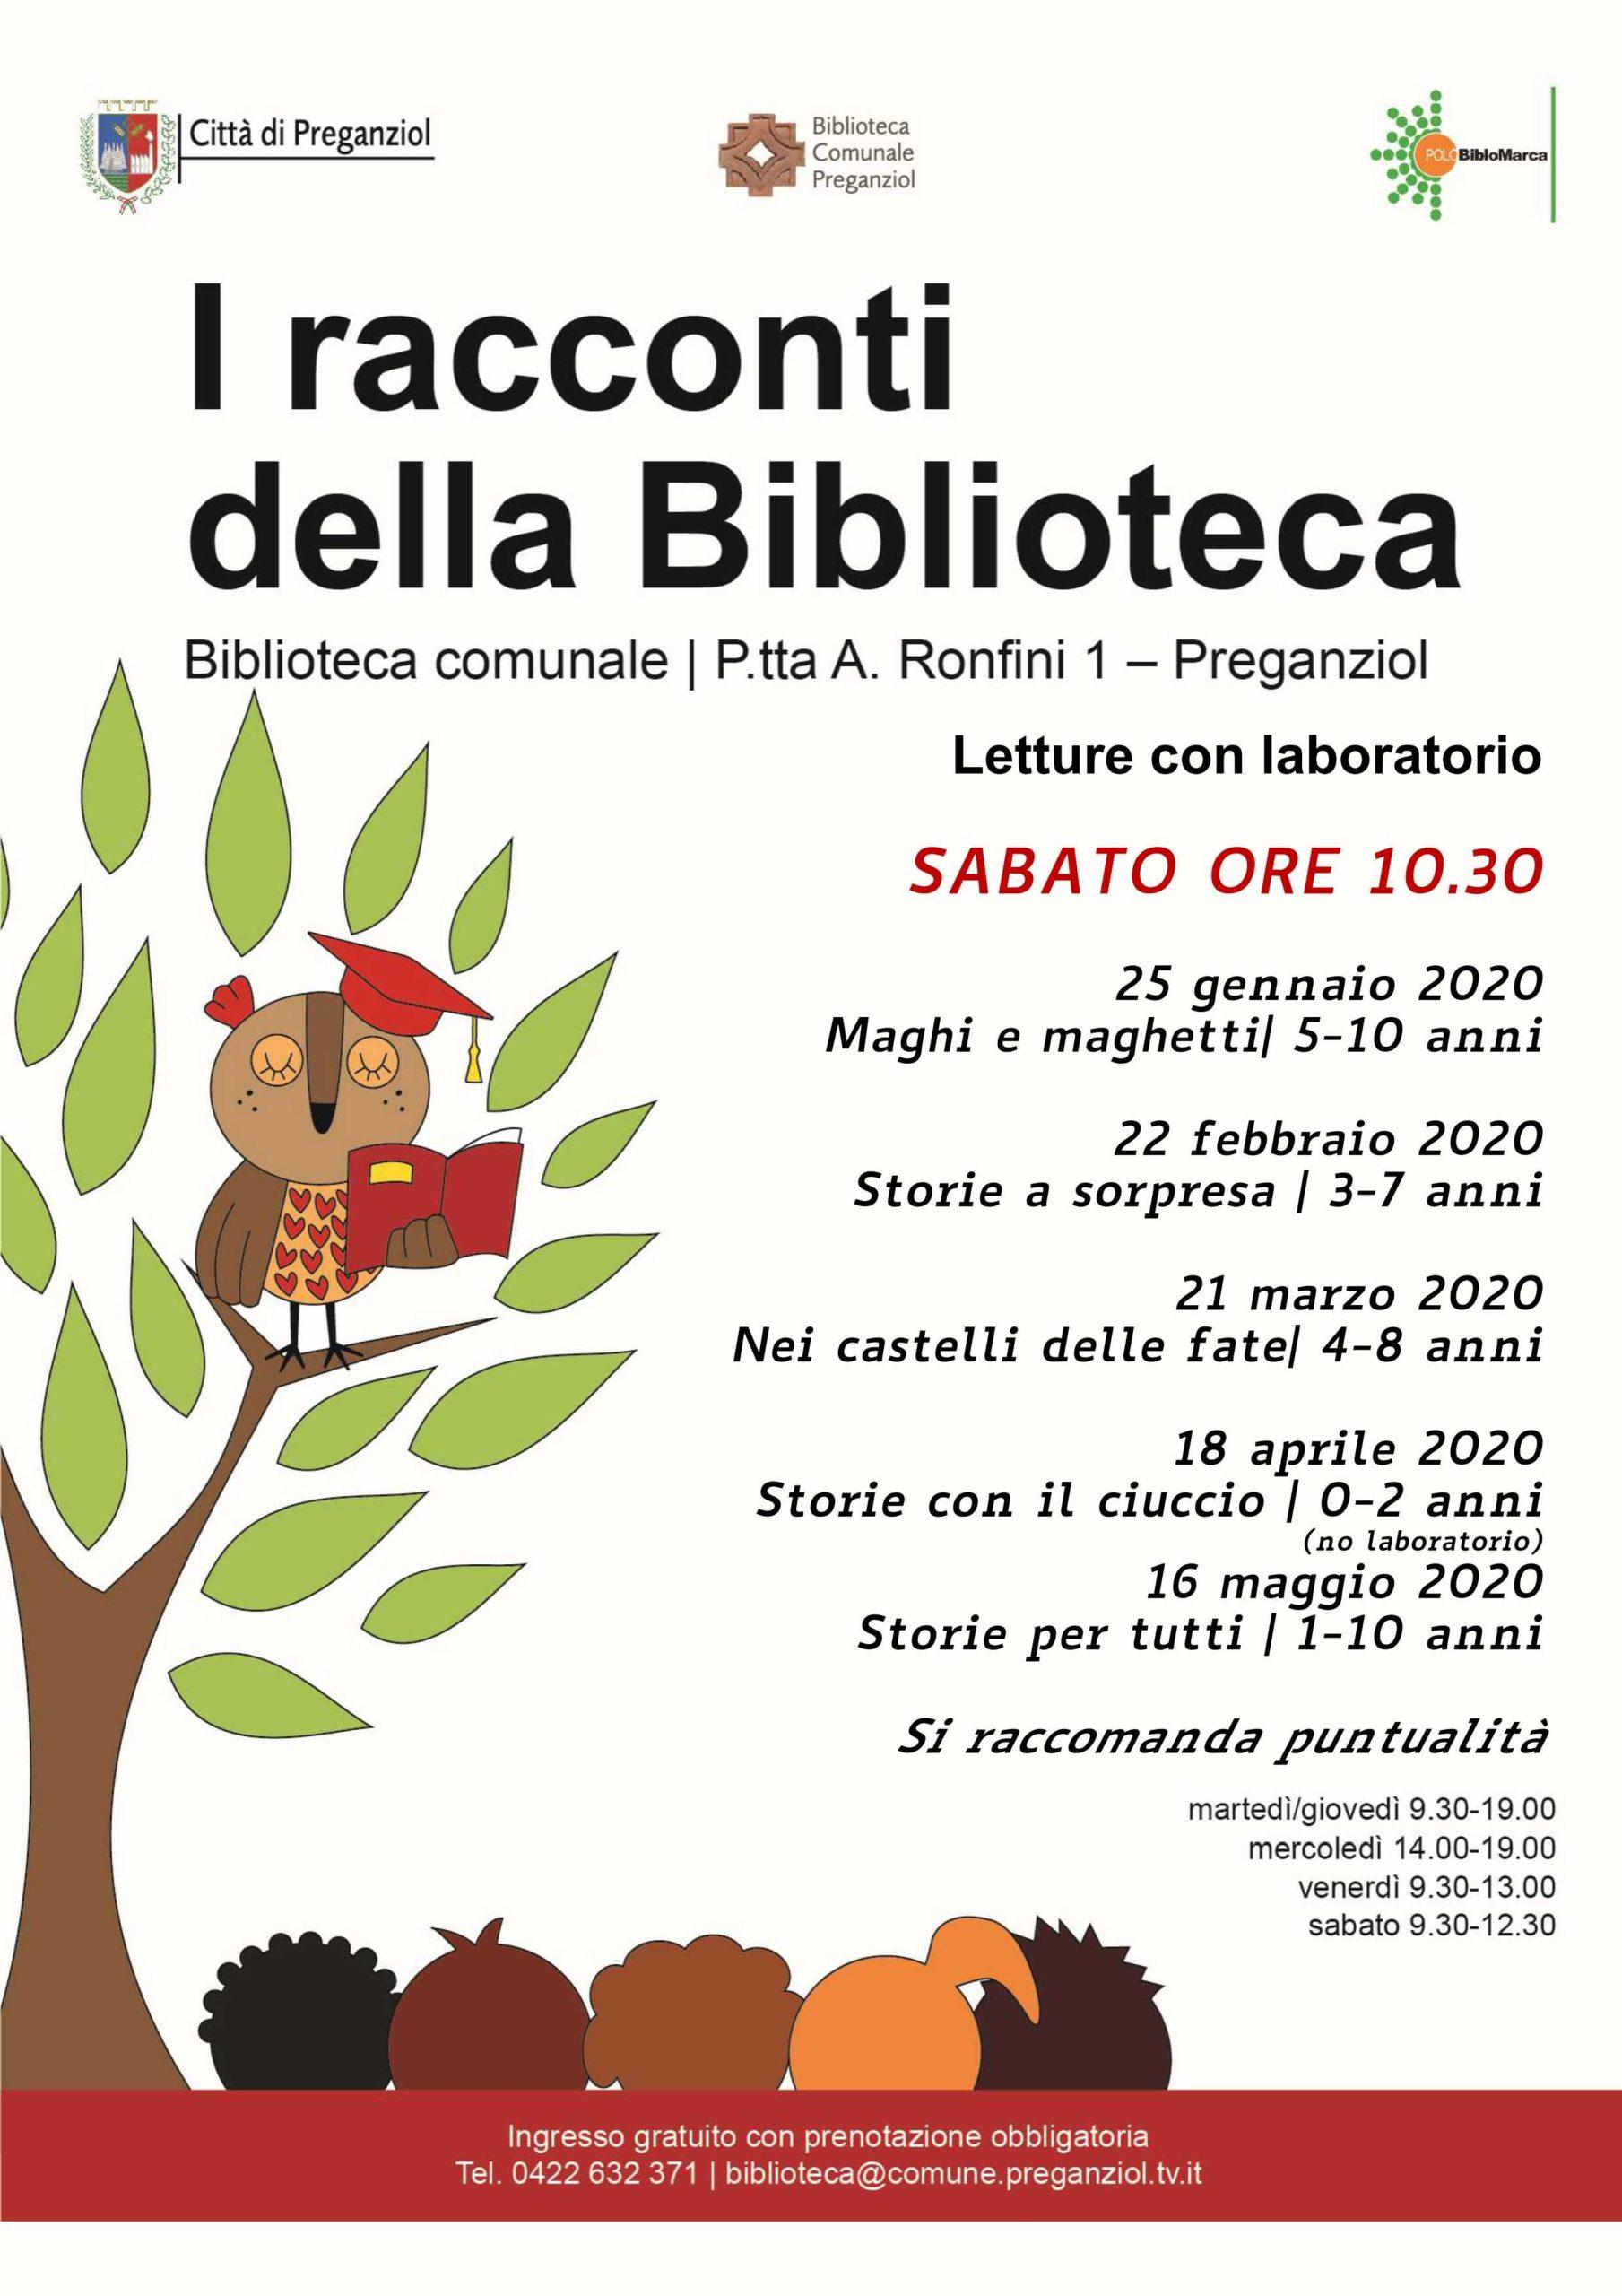 I RACCONTI DELLA BIBLIOTECA Ciclo di letture con laboratorio a cura dell'Albero Parlante